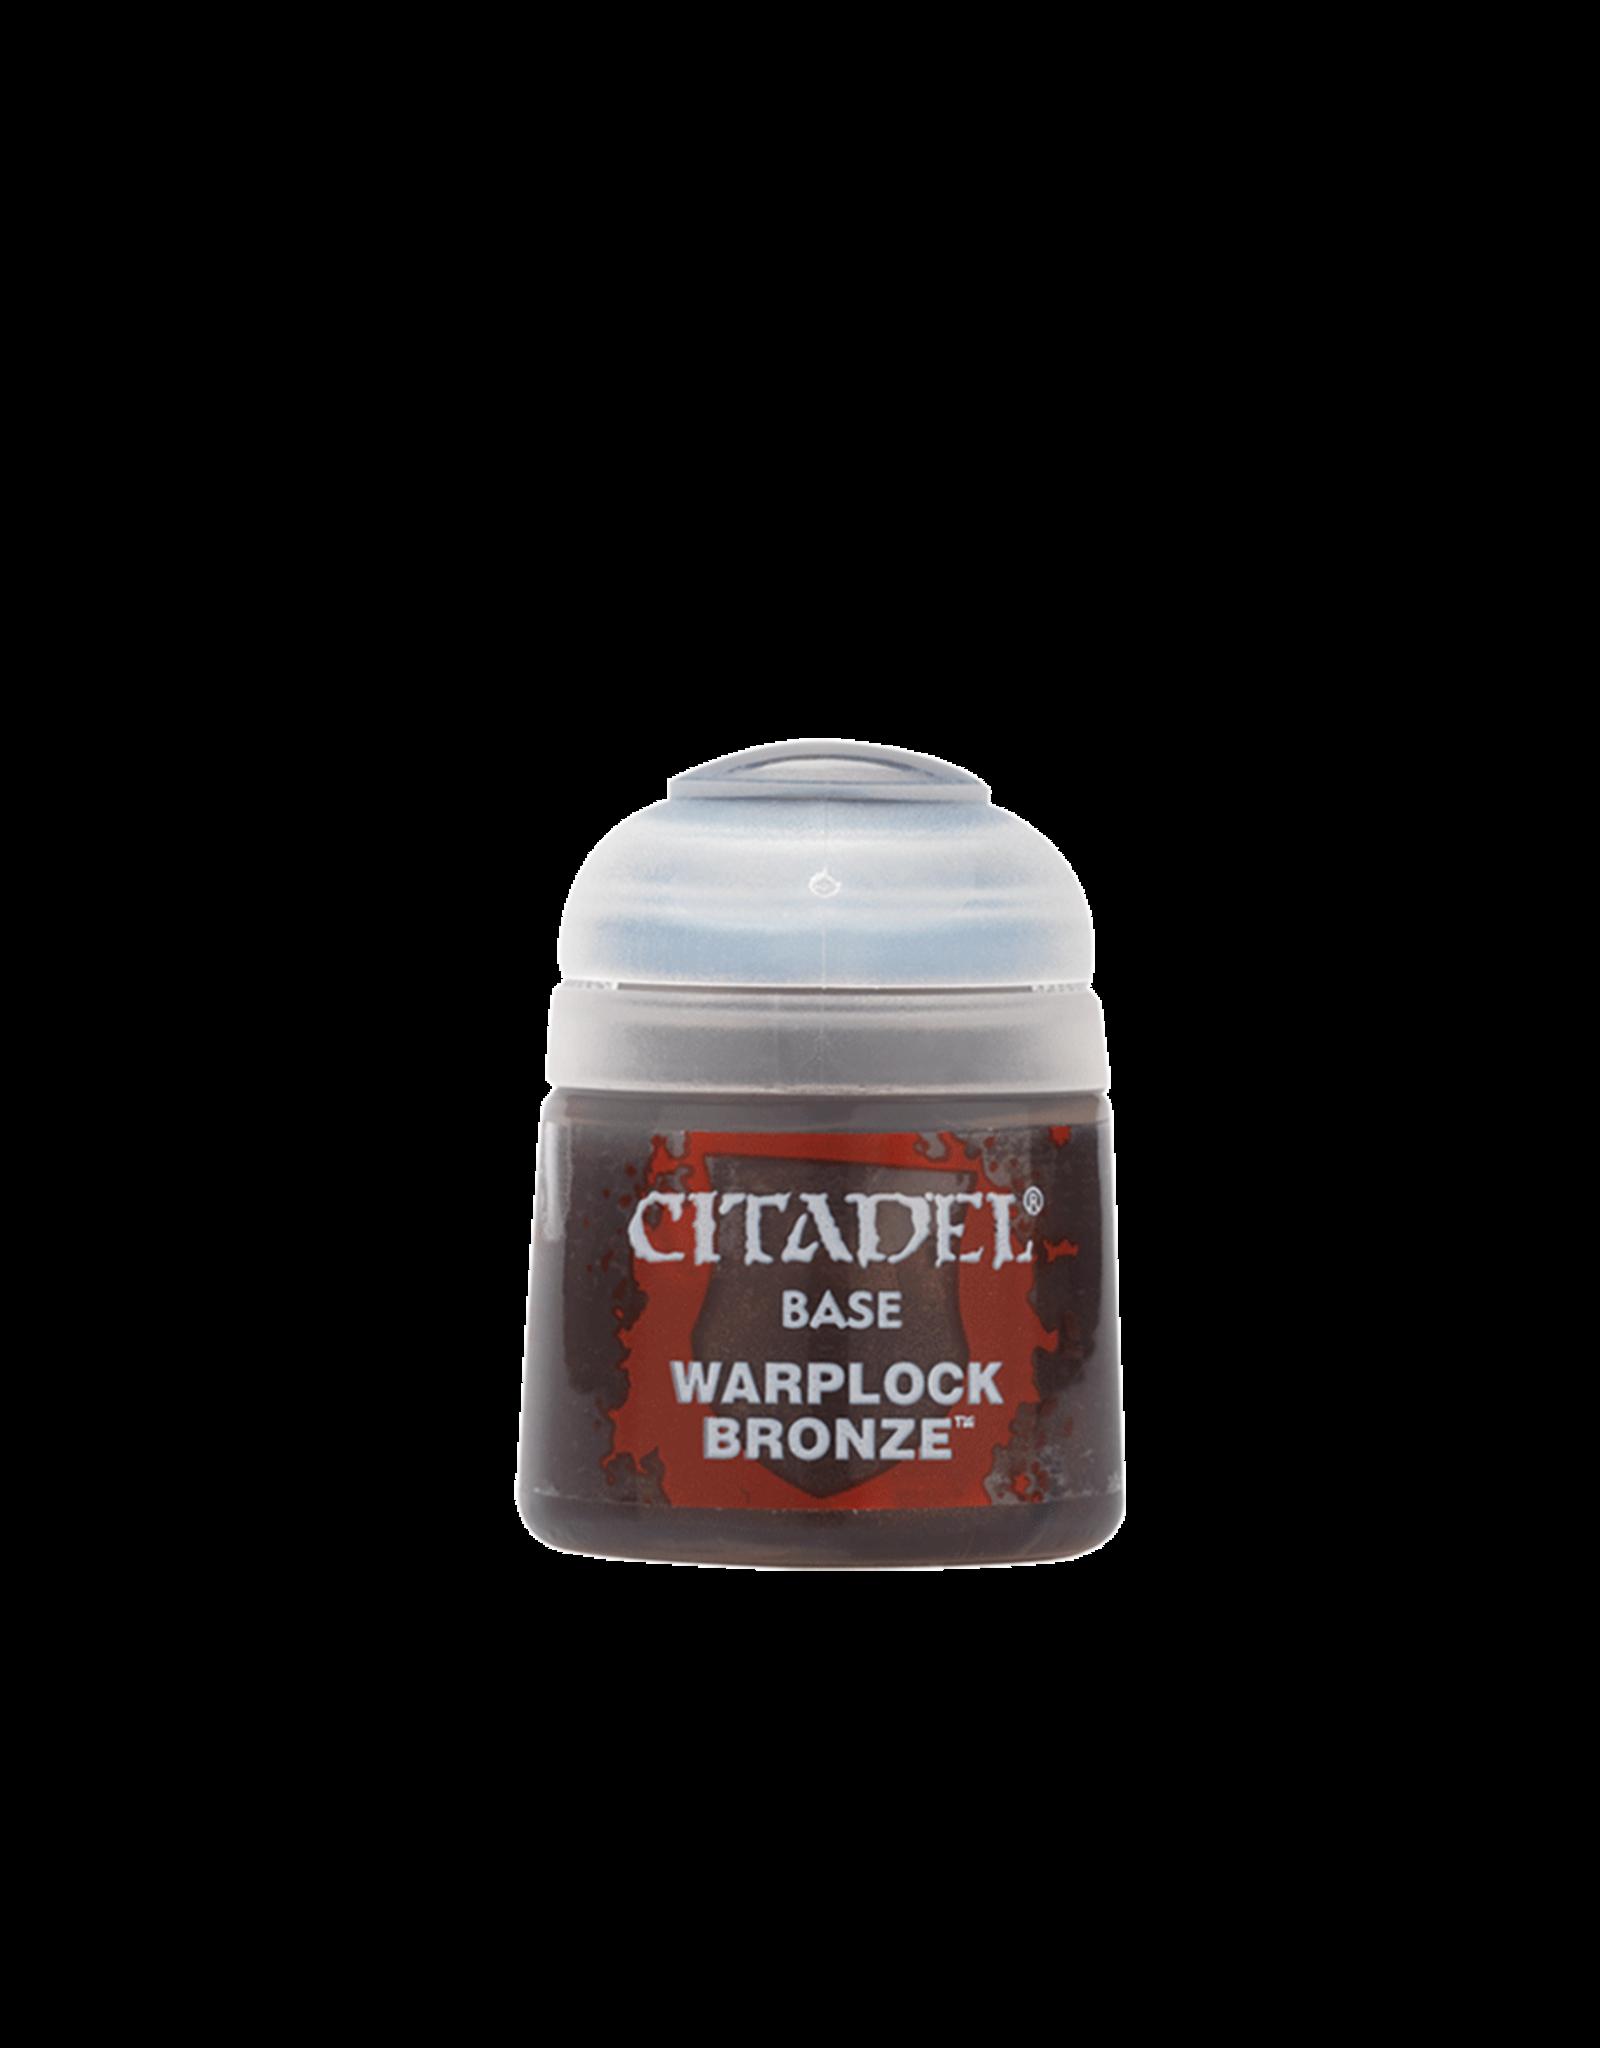 Citadel Warplock Bronze